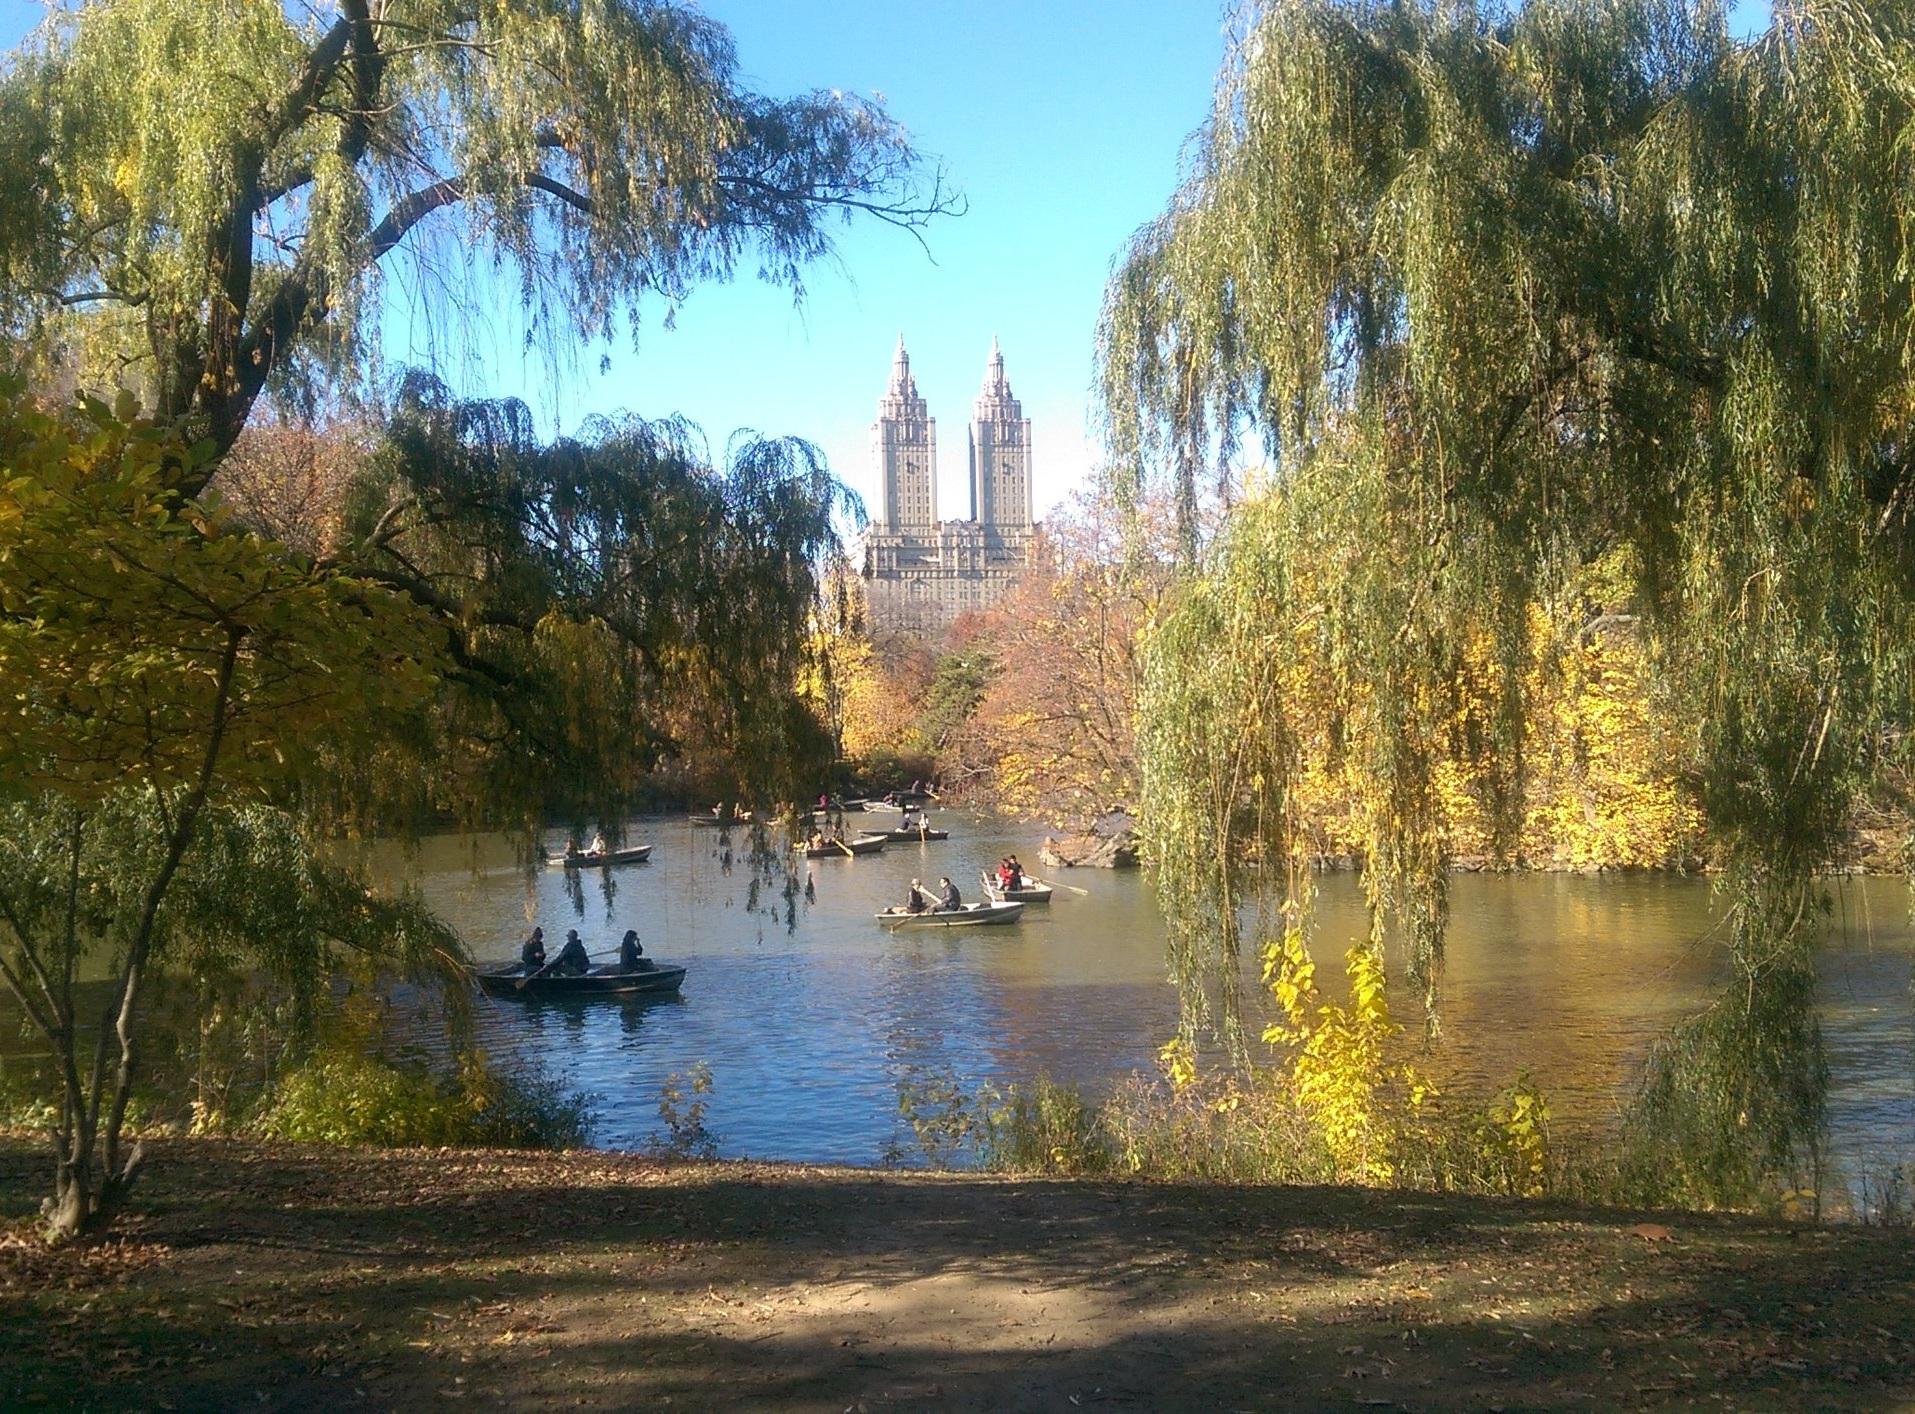 Central Park in Manhattan (Joe Rousmaniere)